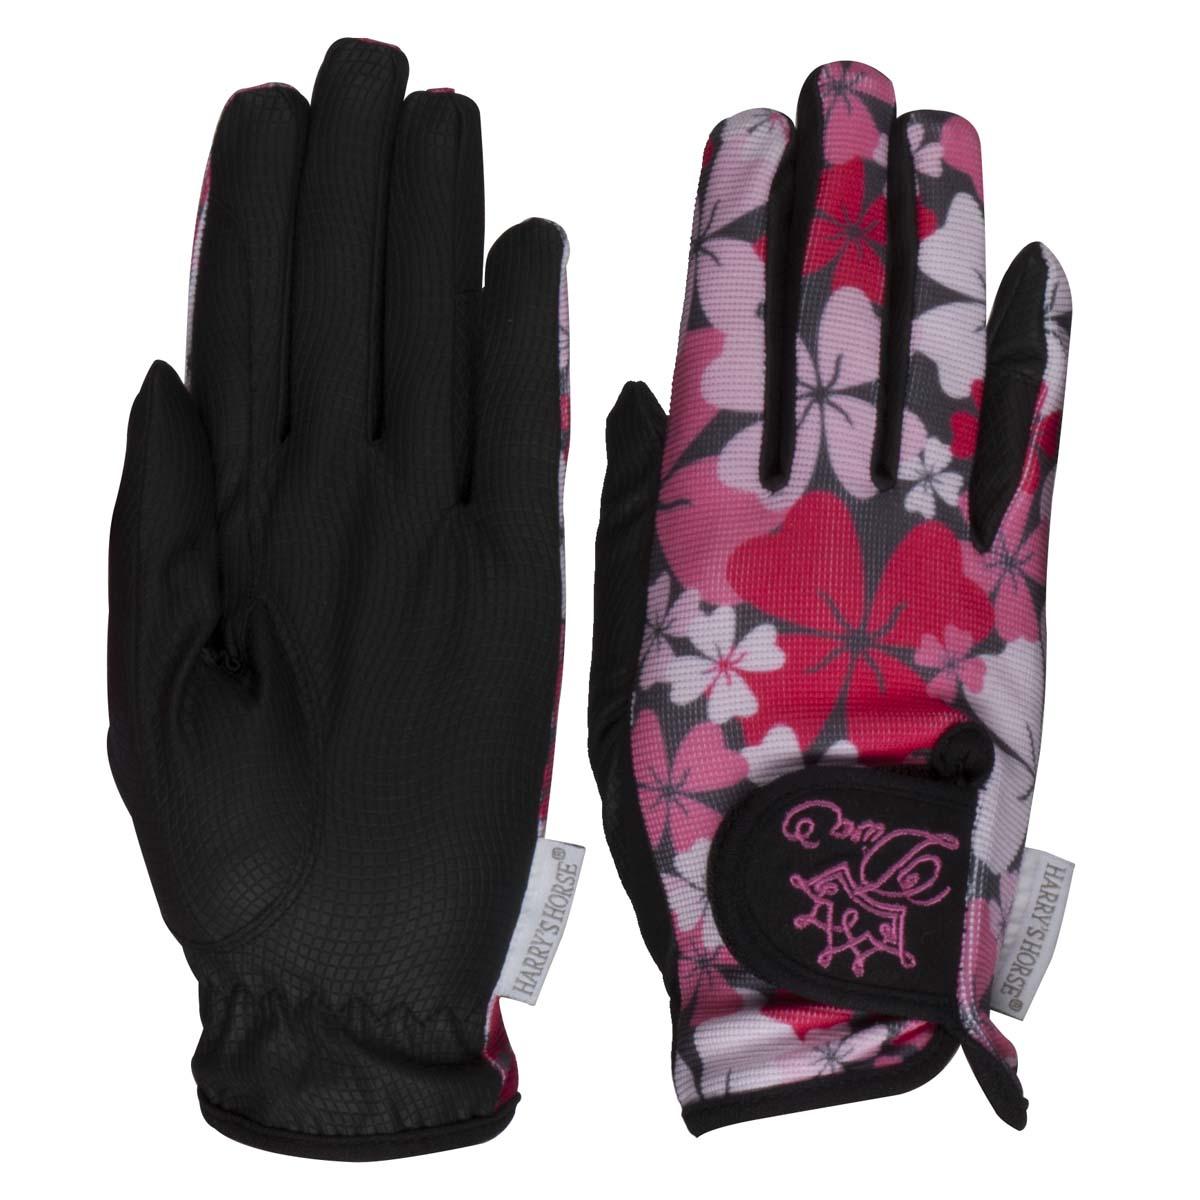 Harrys Horse Diva kinder handschoenen